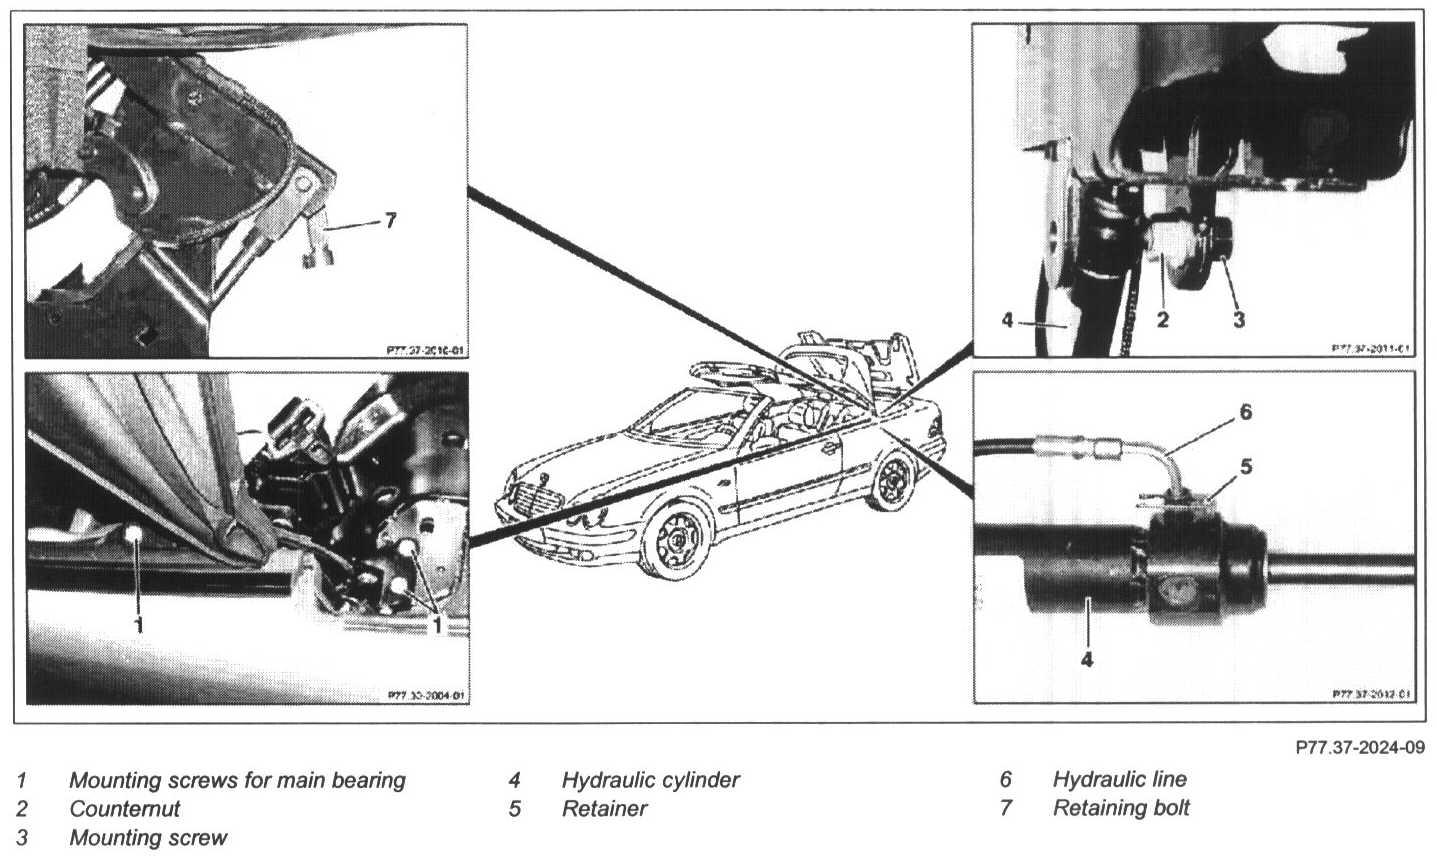 I Have A 2000 Clk430 Cabriolet I Found A Hydraulic Fluid